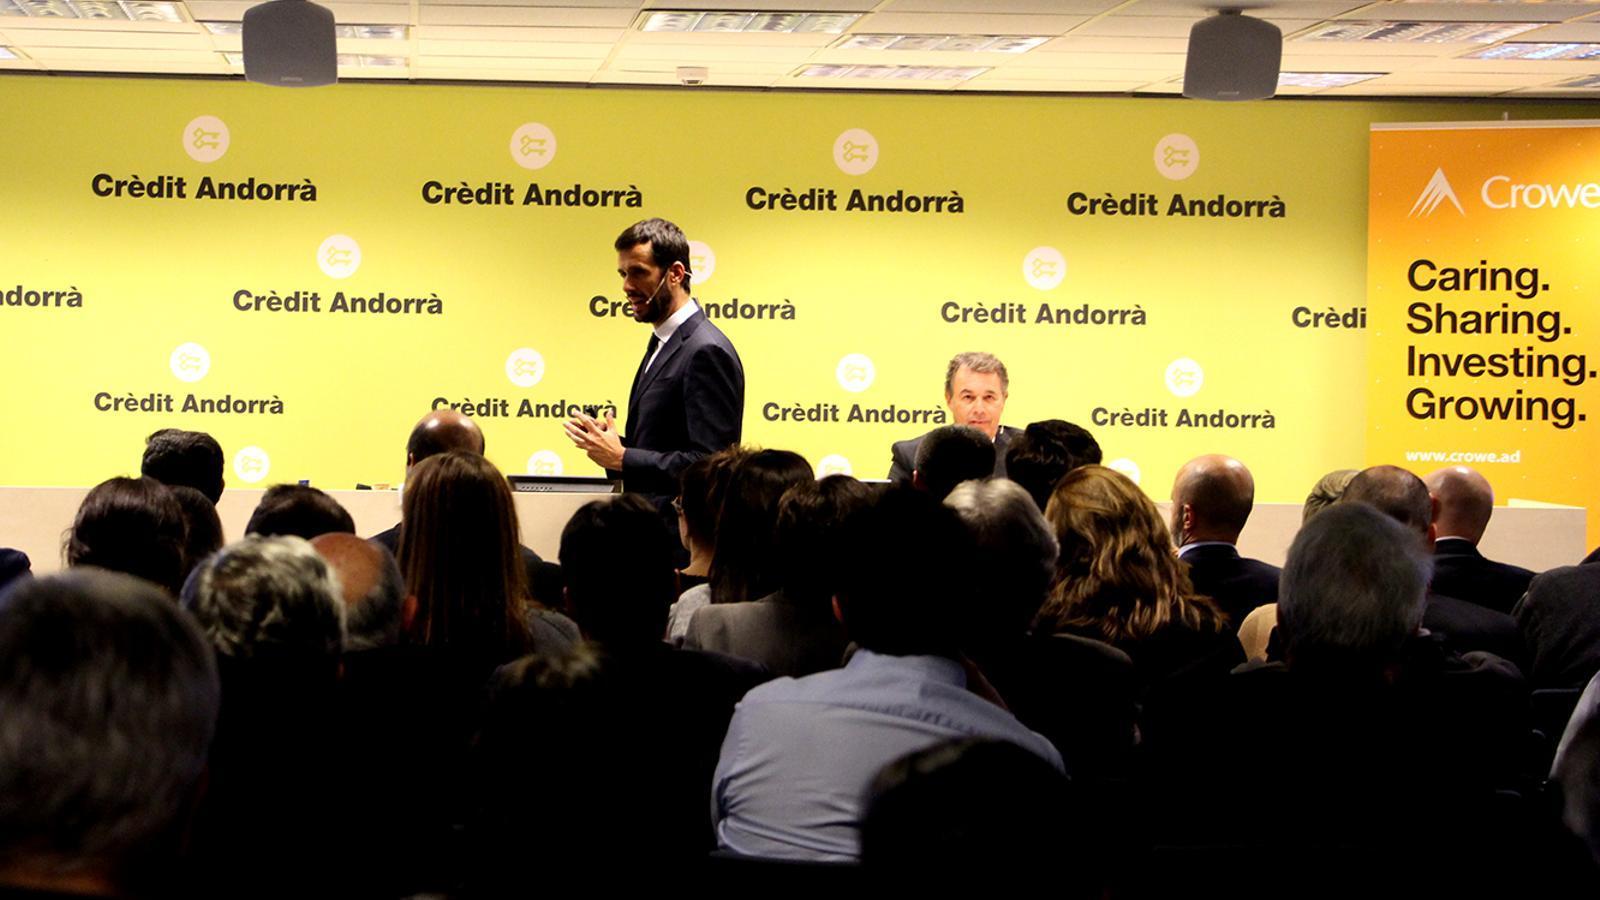 Un moment de la conferència oferta per Antoni Bisbal, soci director de Crowe Andorra i especialista en l'àrea de fiscalitat, i Gerardo Roca, advocat i soci responsable del departament legal de Crowe Spain. / M. F. (ANA)